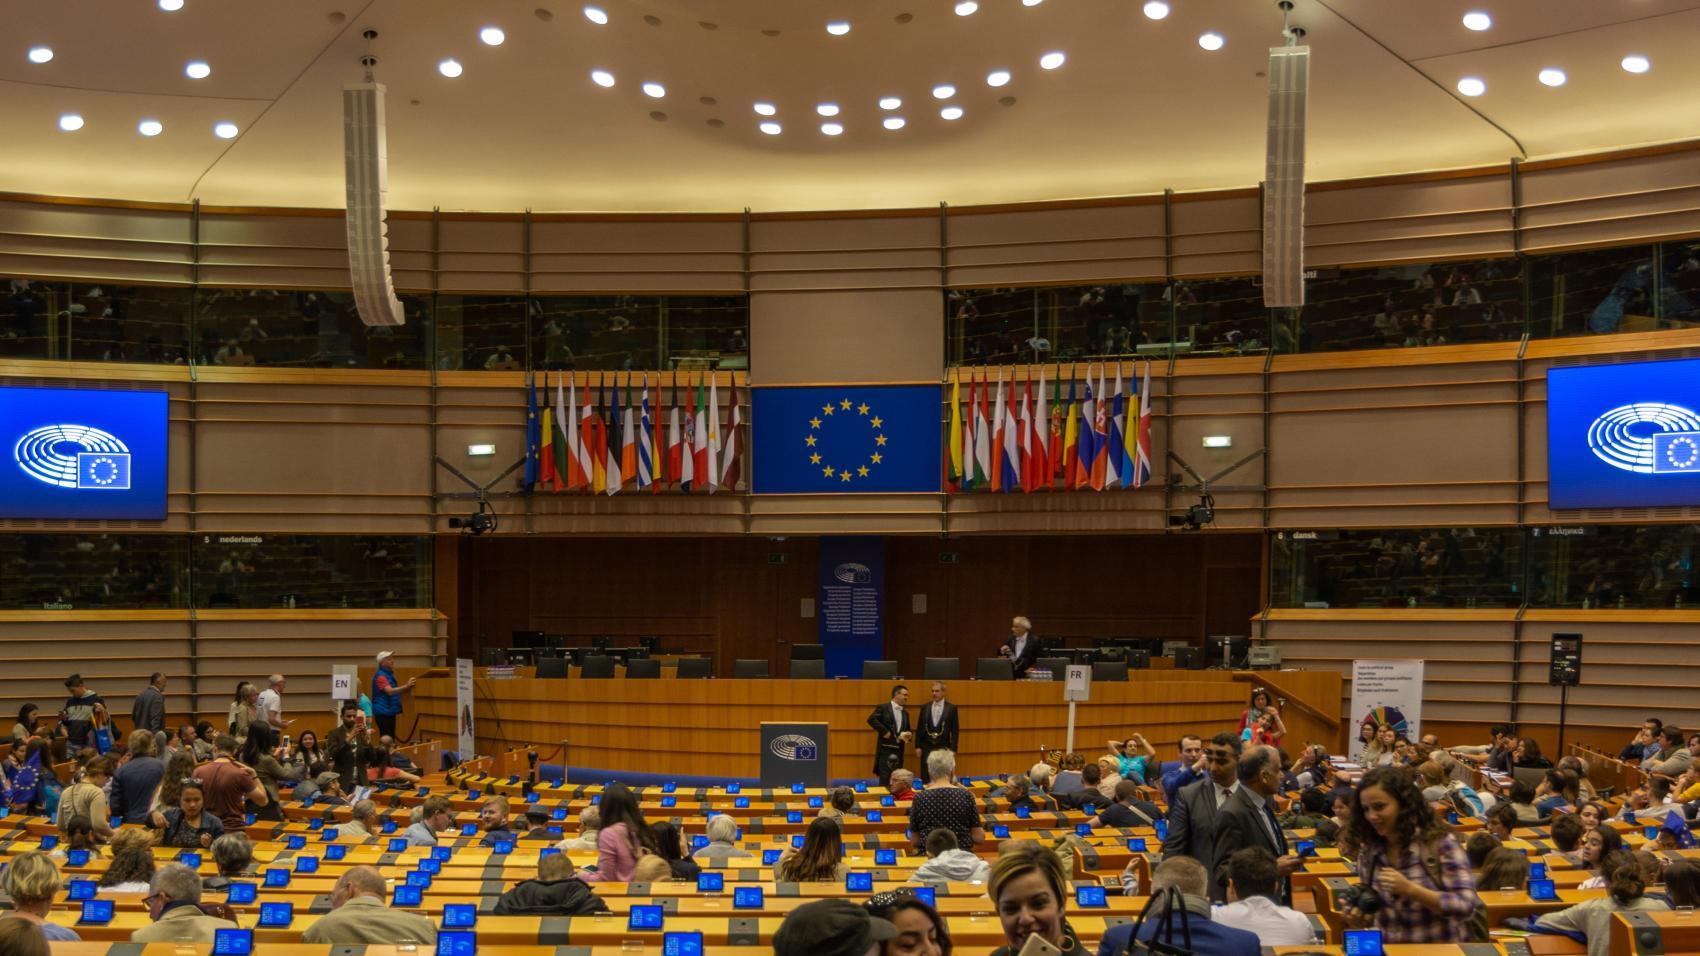 La OMT Posiciona al Turismo en el Parlamento Europeo